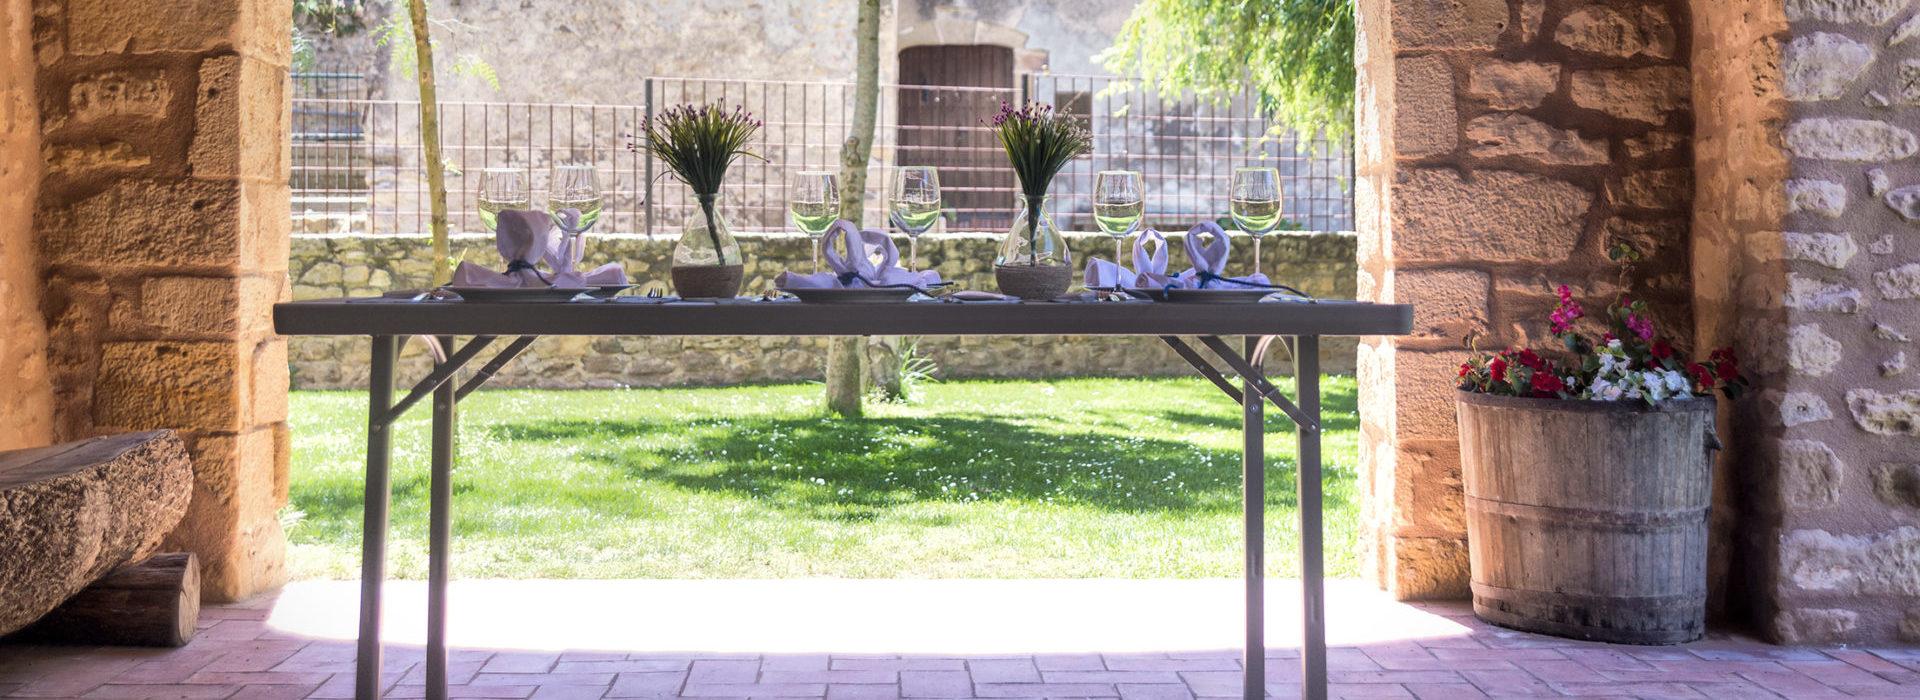 Mesa plegable Zown en jardín